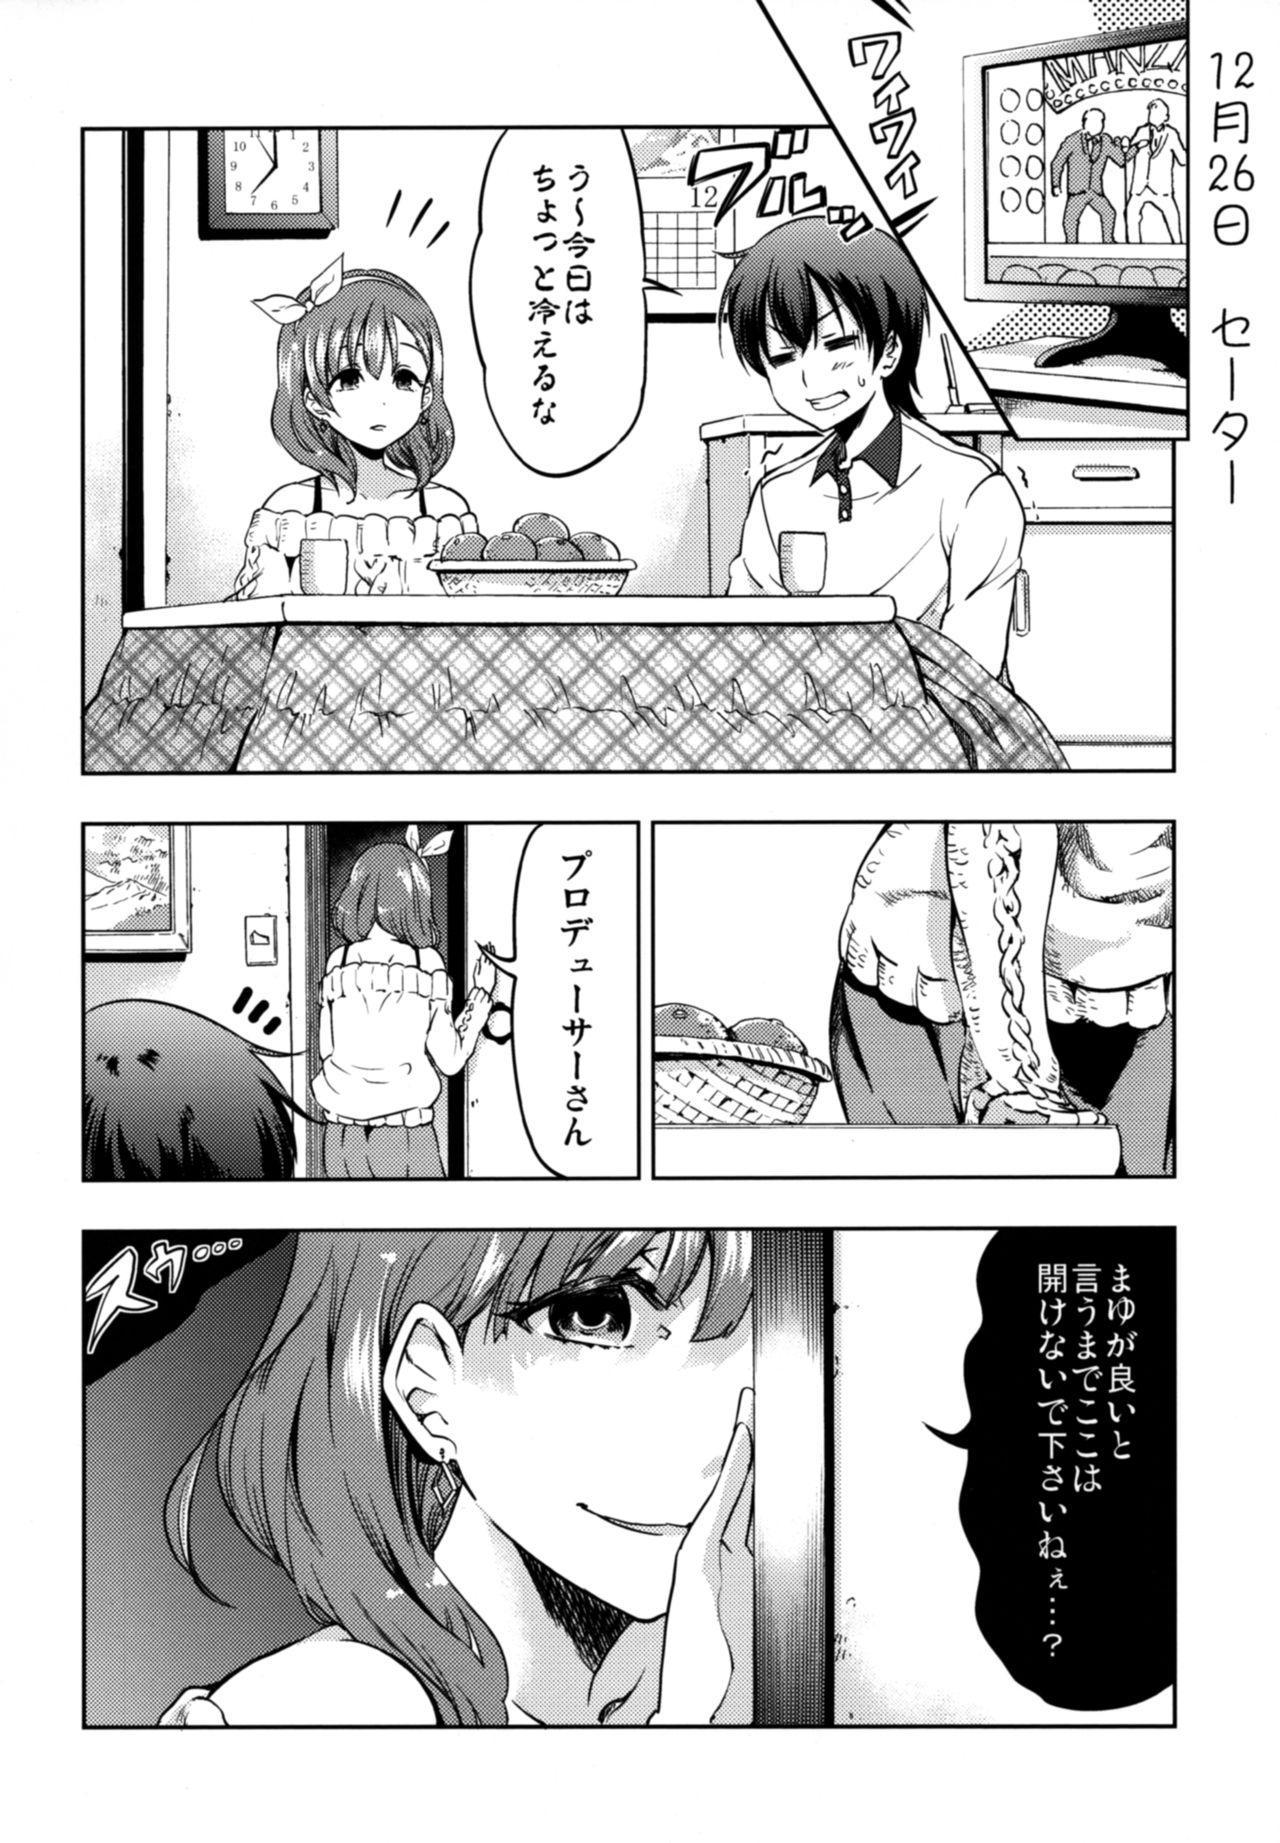 Shiawase na Ketsumatsu 8